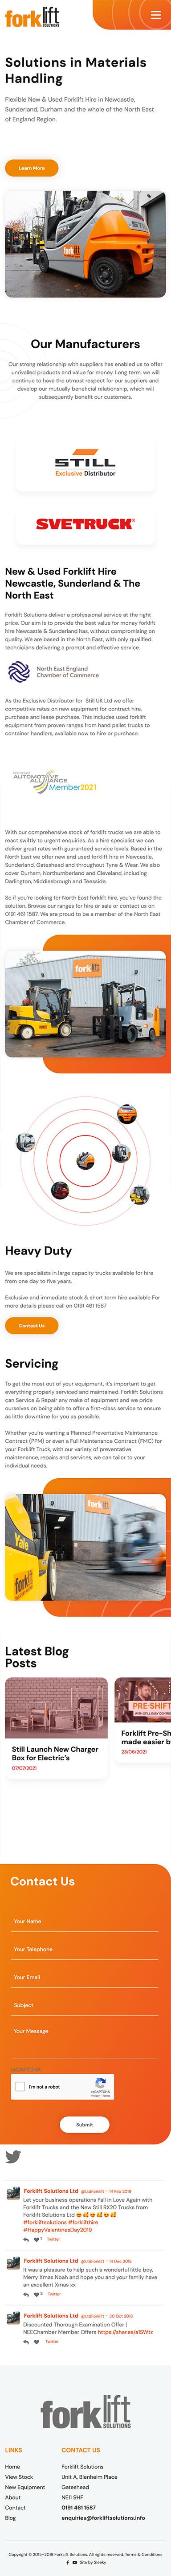 Forklift Mobile